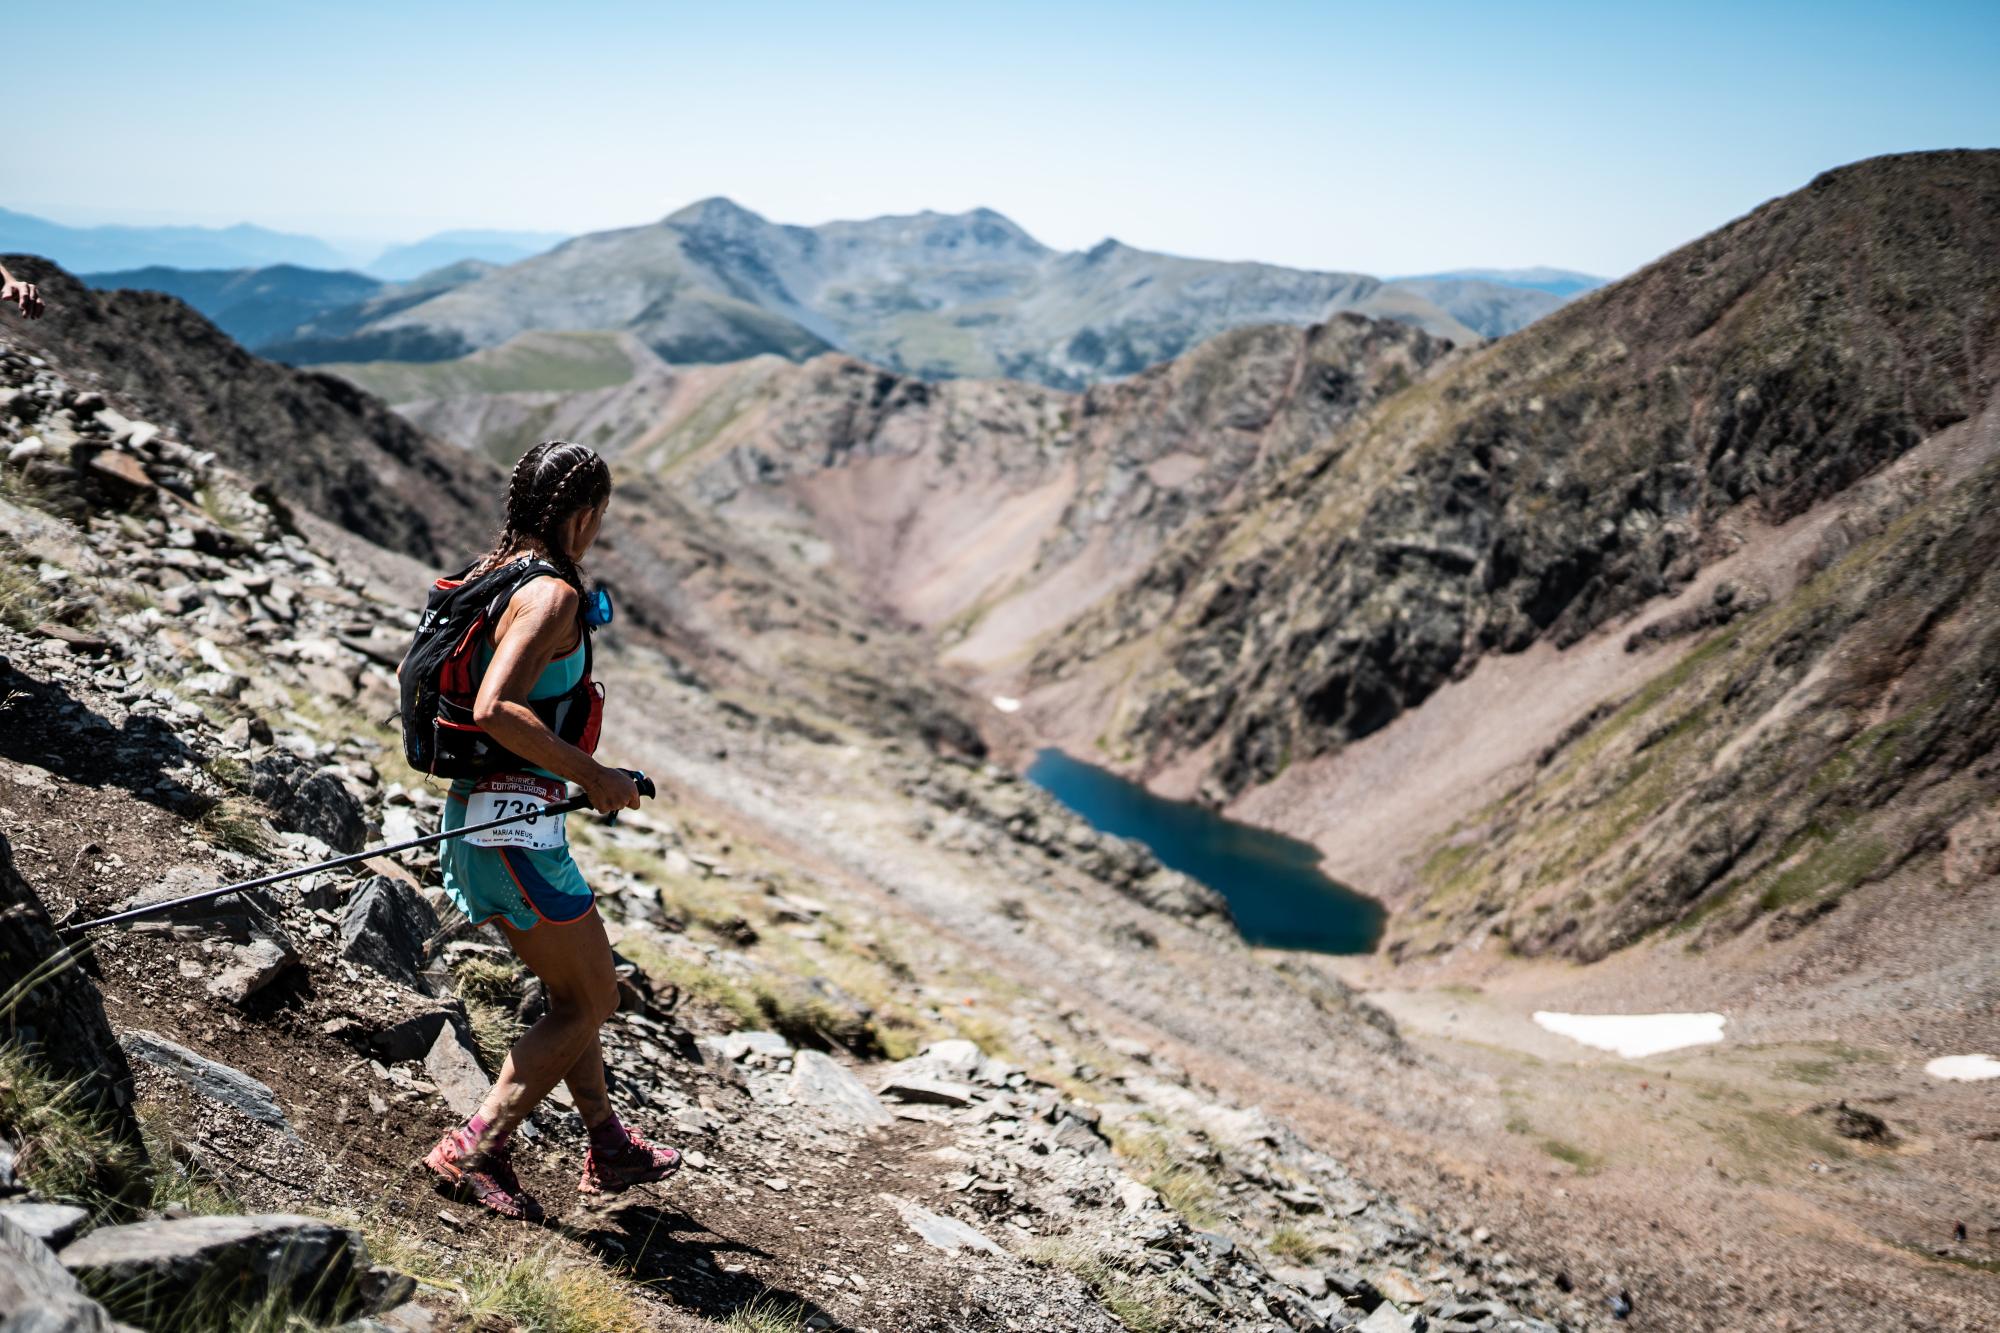 La mítica Skyrace Comapedrosa crece este 2021 con una nueva distancia Ultra de 50 Km y 3.800 m de desnivel positivo